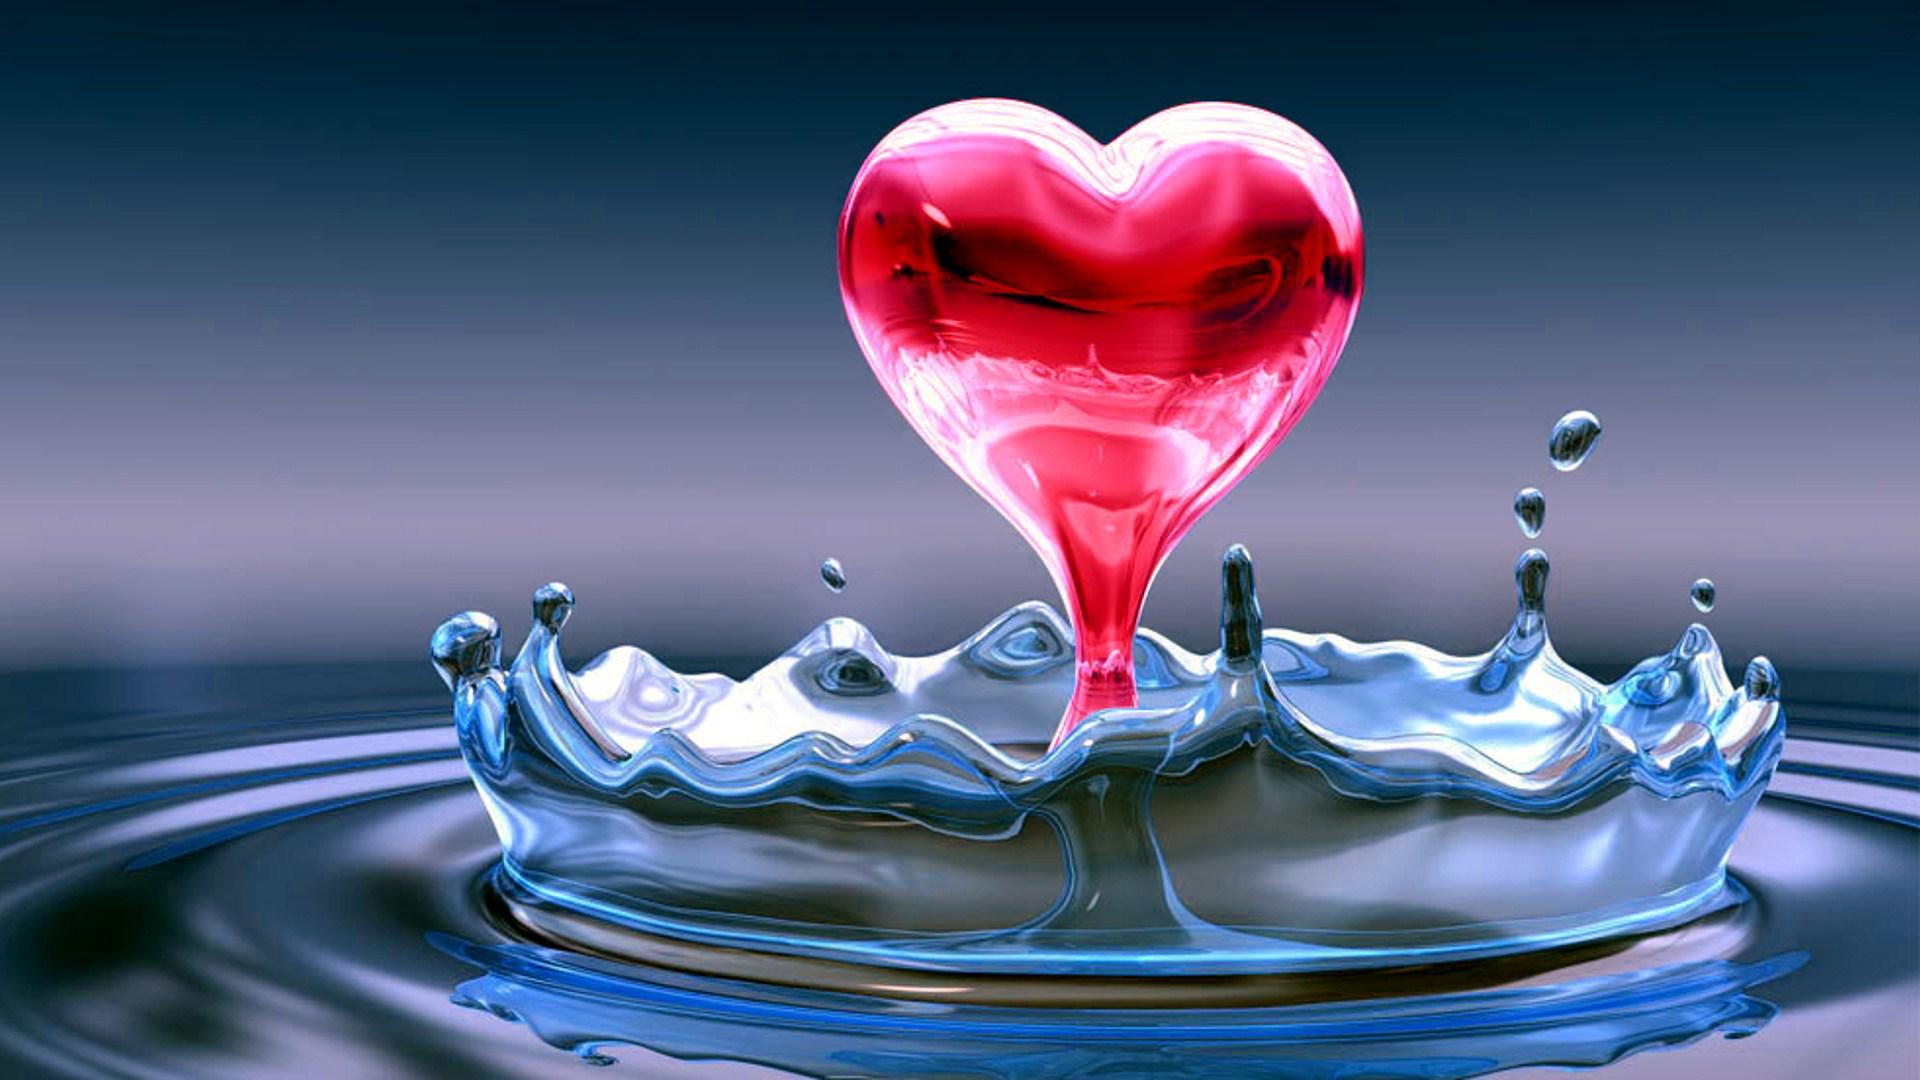 Poney Love : Le jeu passion de Sophie Thalmann - Gamekult Images du jeu Poney Love : Le jeu passion de Sophie Poney Love : Le jeu passion de Sophie Thalmann (2008